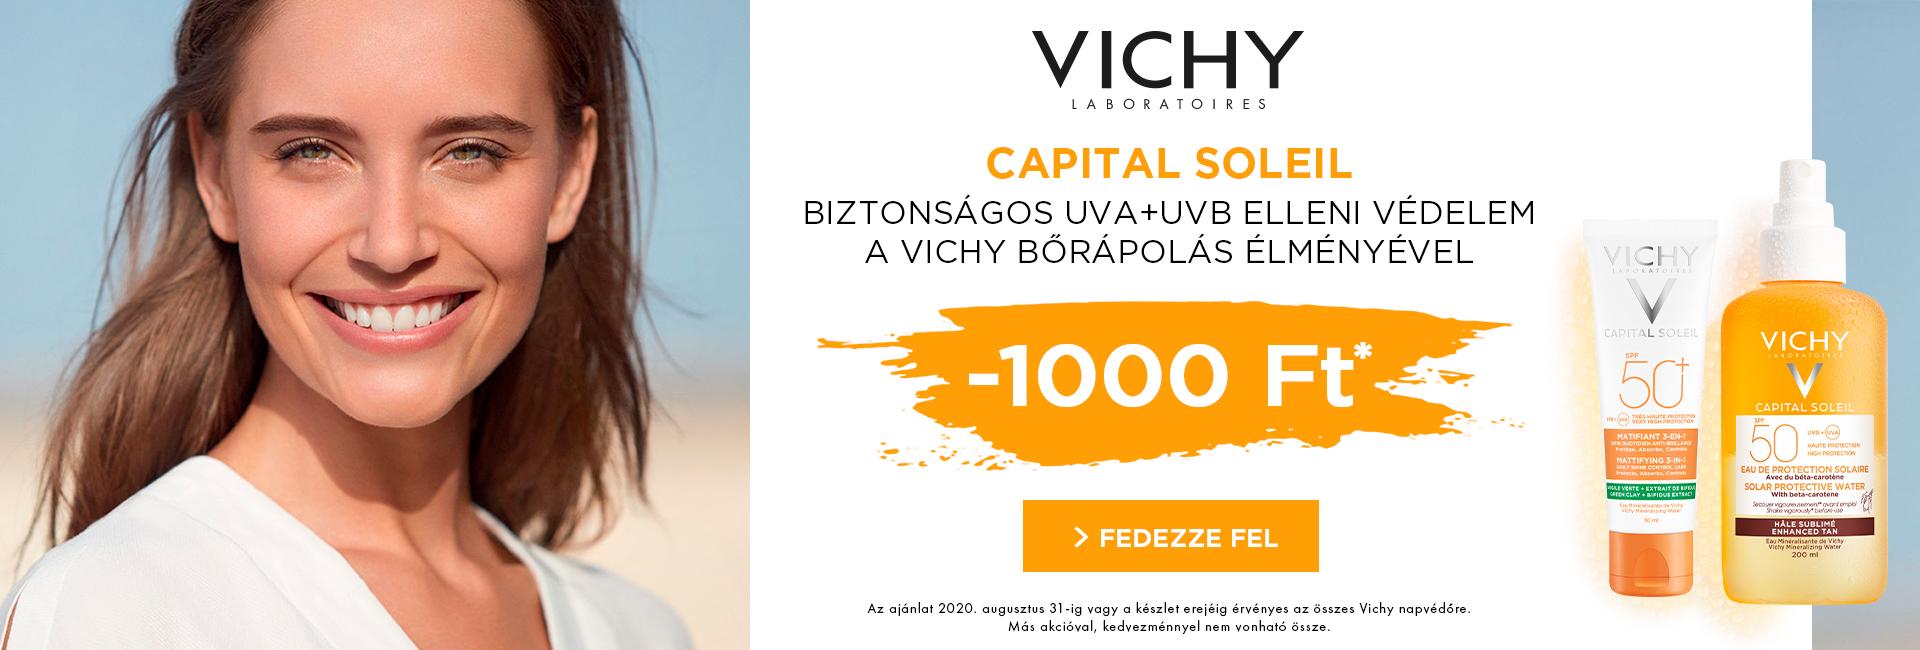 2020. augusztus 31-ig minden Vichy Ideal Soleil és Capital Soleil napozó árából 1.000 Ft kedvezményt adunk!